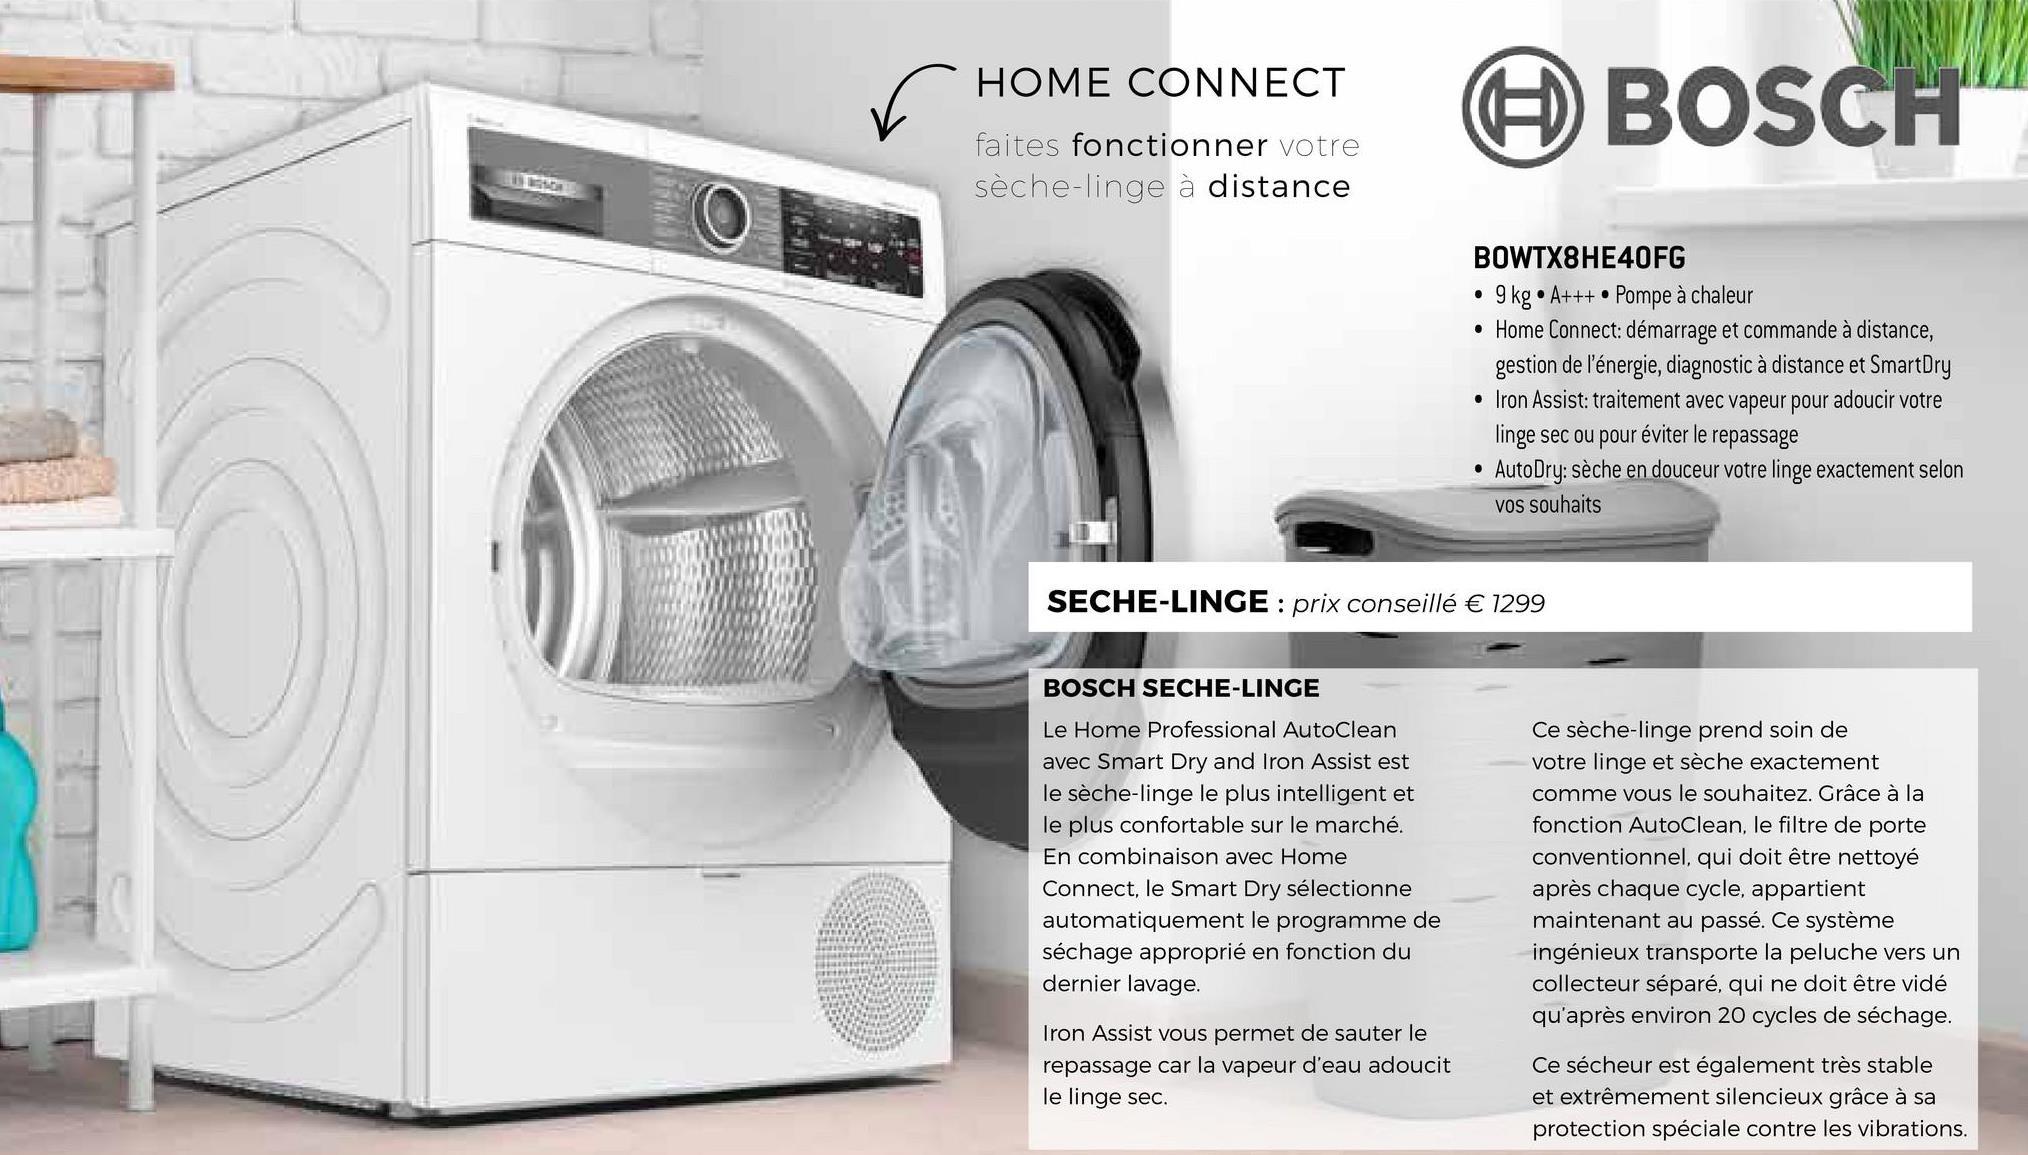 HOME CONNECT faites fonctionner votre sèche-linge à distance BOSCH BOWTX8HE40FG • 9 kg • A+++. Pompe à chaleur • Home Connect: démarrage et commande à distance, gestion de l'énergie, diagnostic à distance et SmartDry • Iron Assist: traitement avec vapeur pour adoucir votre linge sec ou pour éviter le repassage • AutoDry: sèche en douceur votre linge exactement selon vos souhaits SECHE-LINGE : prix conseillé € 1299 BOSCH SECHE-LINGE Le Home Professional AutoClean avec Smart Dry and Iron Assist est le sèche-linge le plus intelligent et le plus confortable sur le marché. En combinaison avec Home Connect, le Smart Dry sélectionne automatiquement le programme de séchage approprié en fonction du dernier lavage. Ce sèche-linge prend soin de votre linge et sèche exactement comme vous le souhaitez. Grâce à la fonction AutoClean, le filtre de porte conventionnel, qui doit être nettoyé après chaque cycle, appartient maintenant au passé. Ce système ingénieux transporte la peluche vers un collecteur séparé, qui ne doit être vidé qu'après environ 20 cycles de séchage. Iron Assist vous permet de sauter le repassage car la vapeur d'eau adoucit le linge sec. Ce sécheur est également très stable et extrêmement silencieux grâce à sa protection spéciale contre les vibrations.